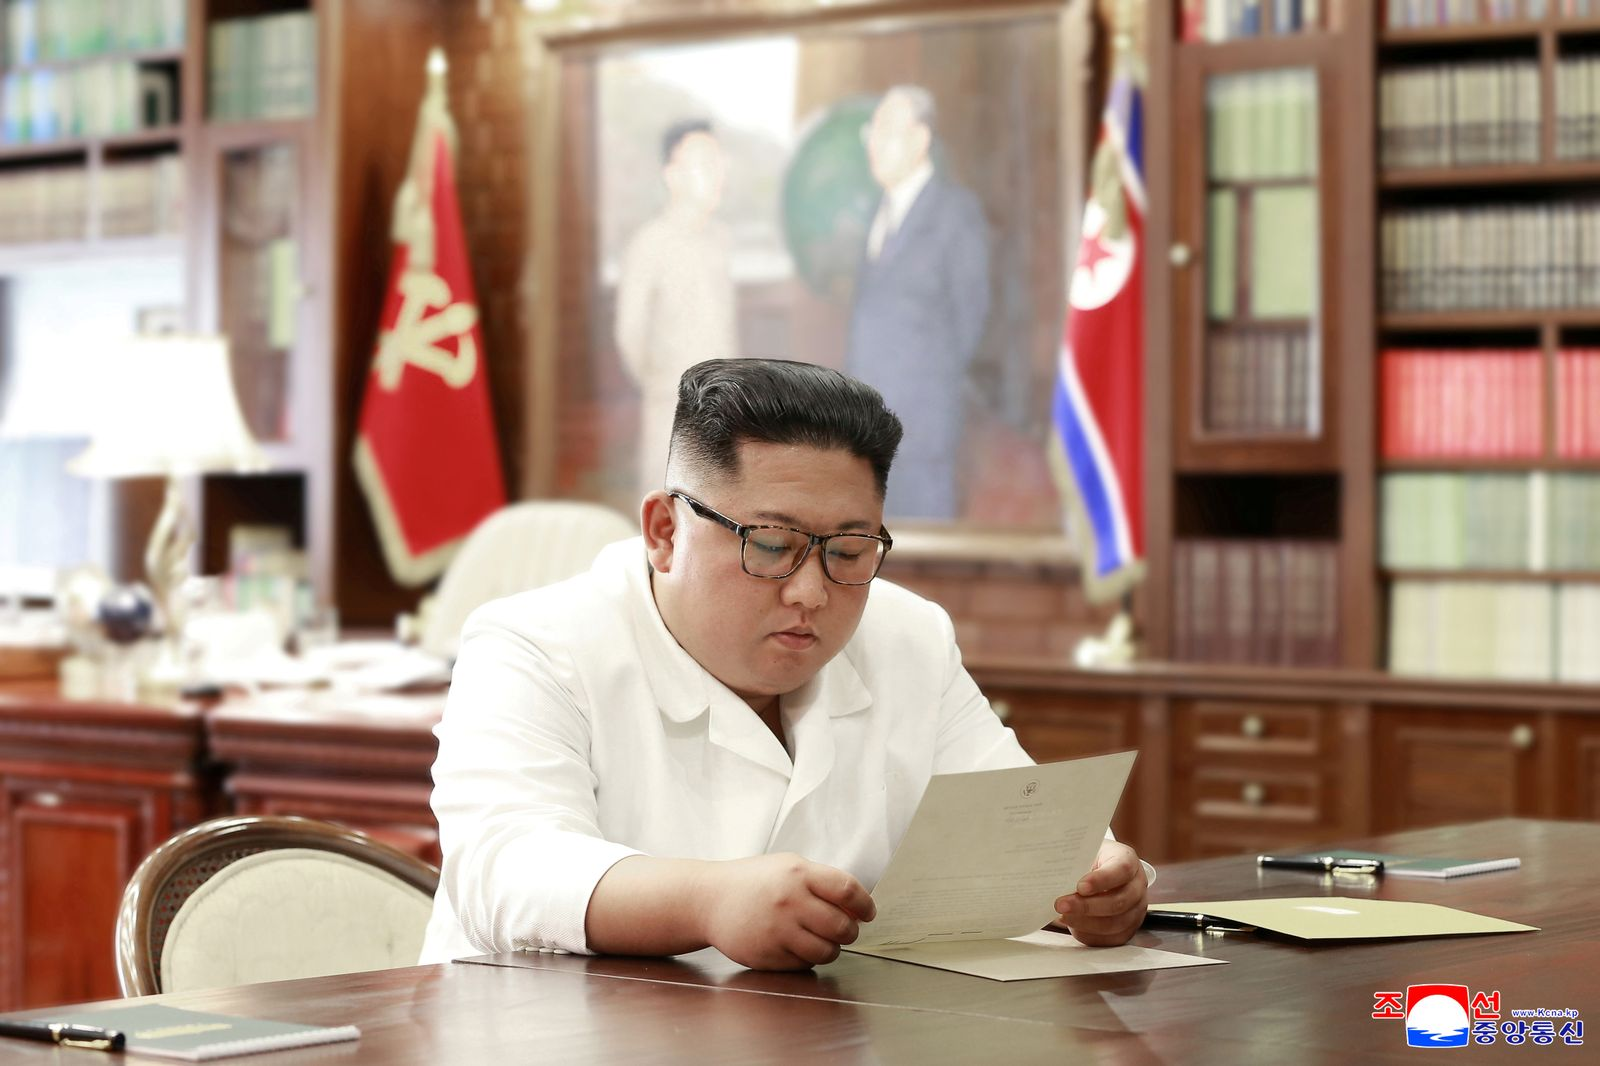 Kim Jong Un/ Donald Trump/ Brief